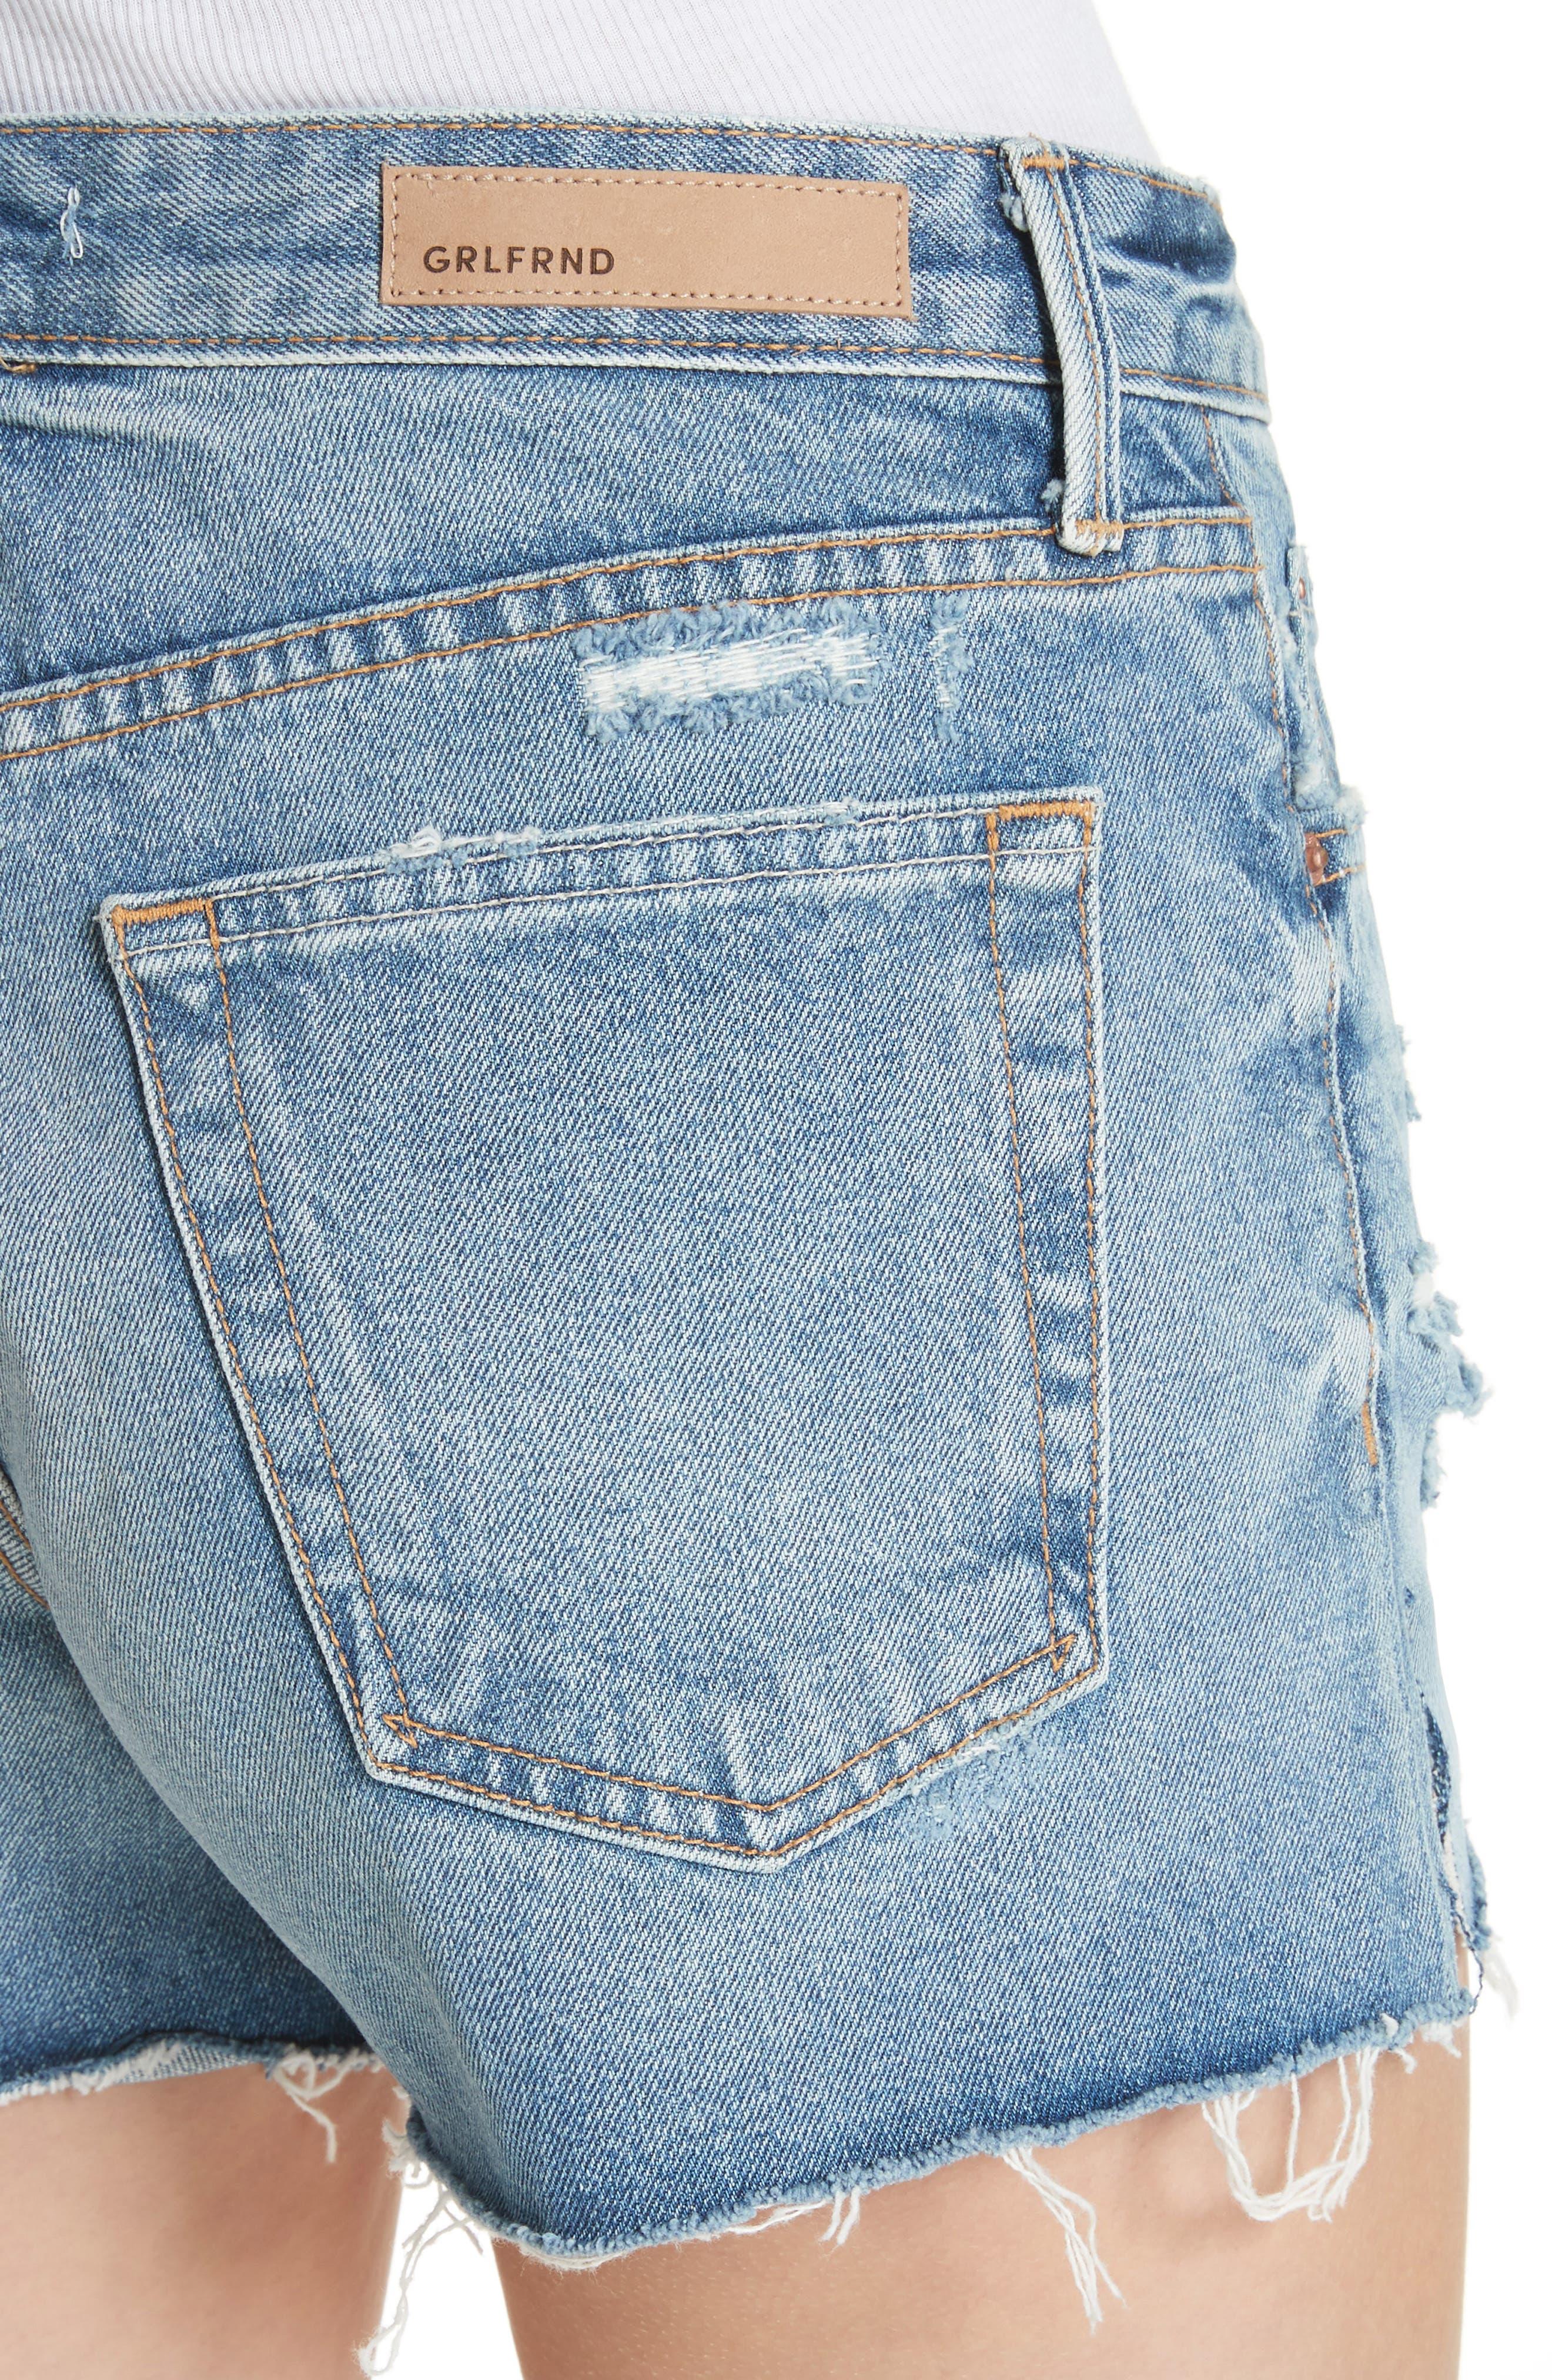 Dovima Distressed Denim Shorts,                             Alternate thumbnail 4, color,                             476